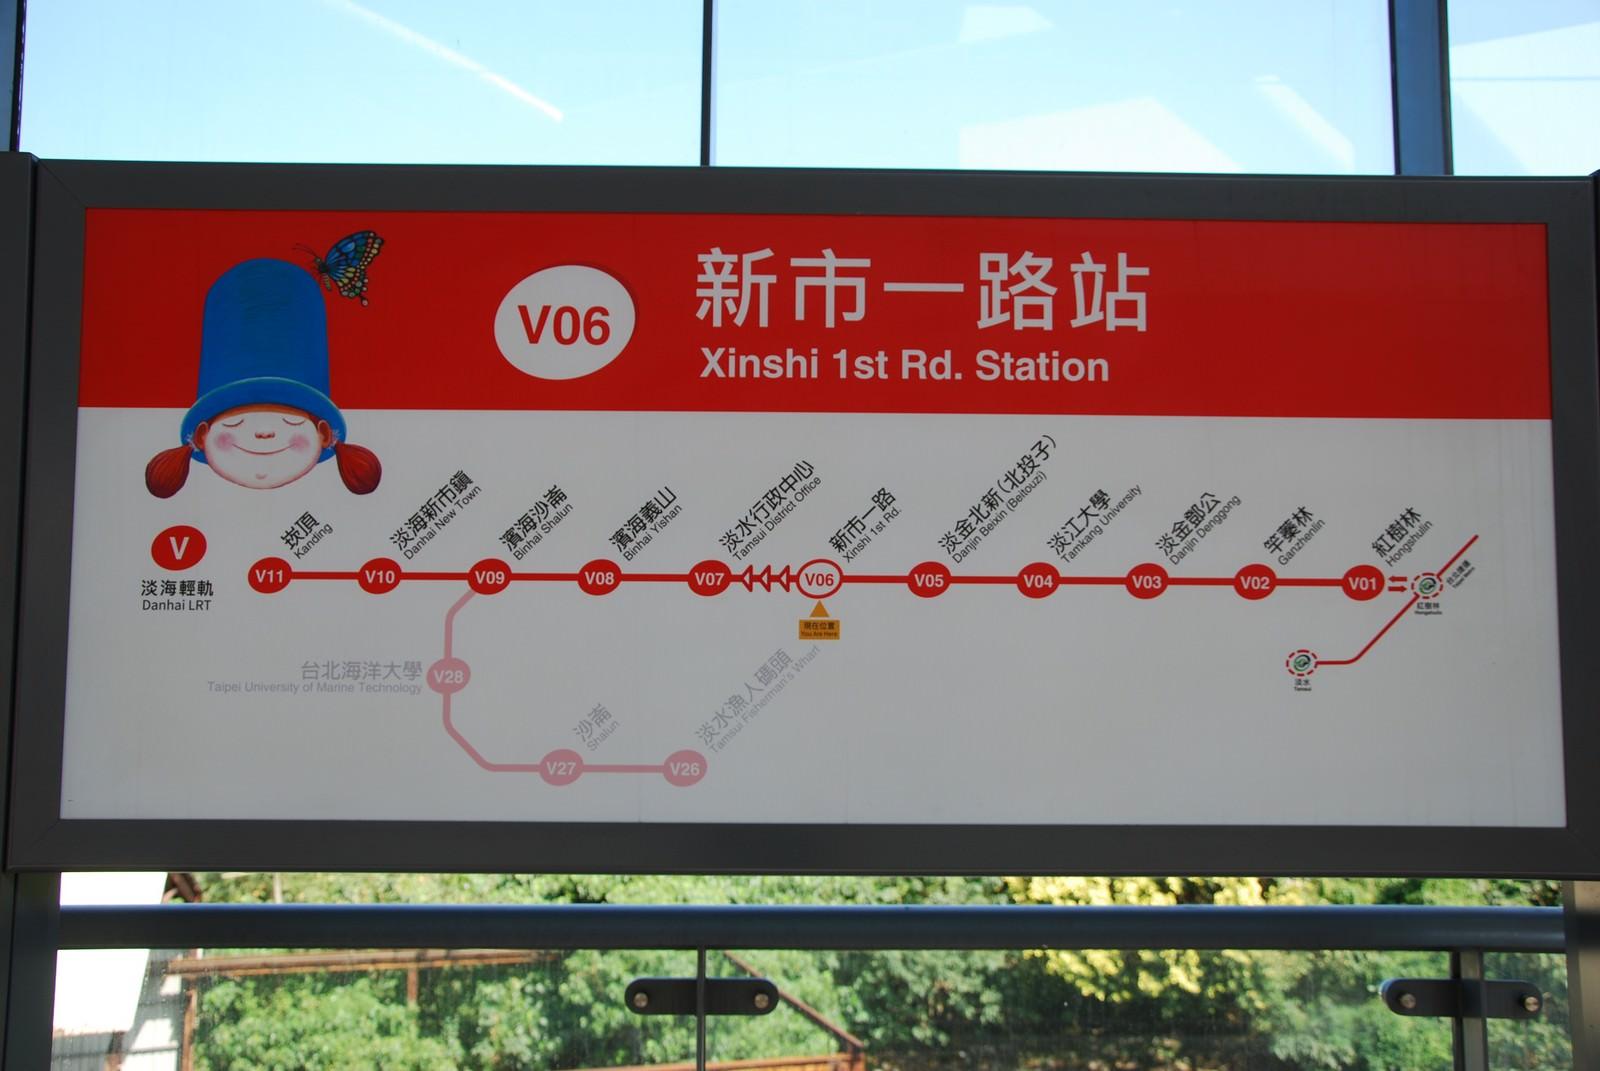 淡海輕軌綠山線, 輕軌新市一路站, 站牌